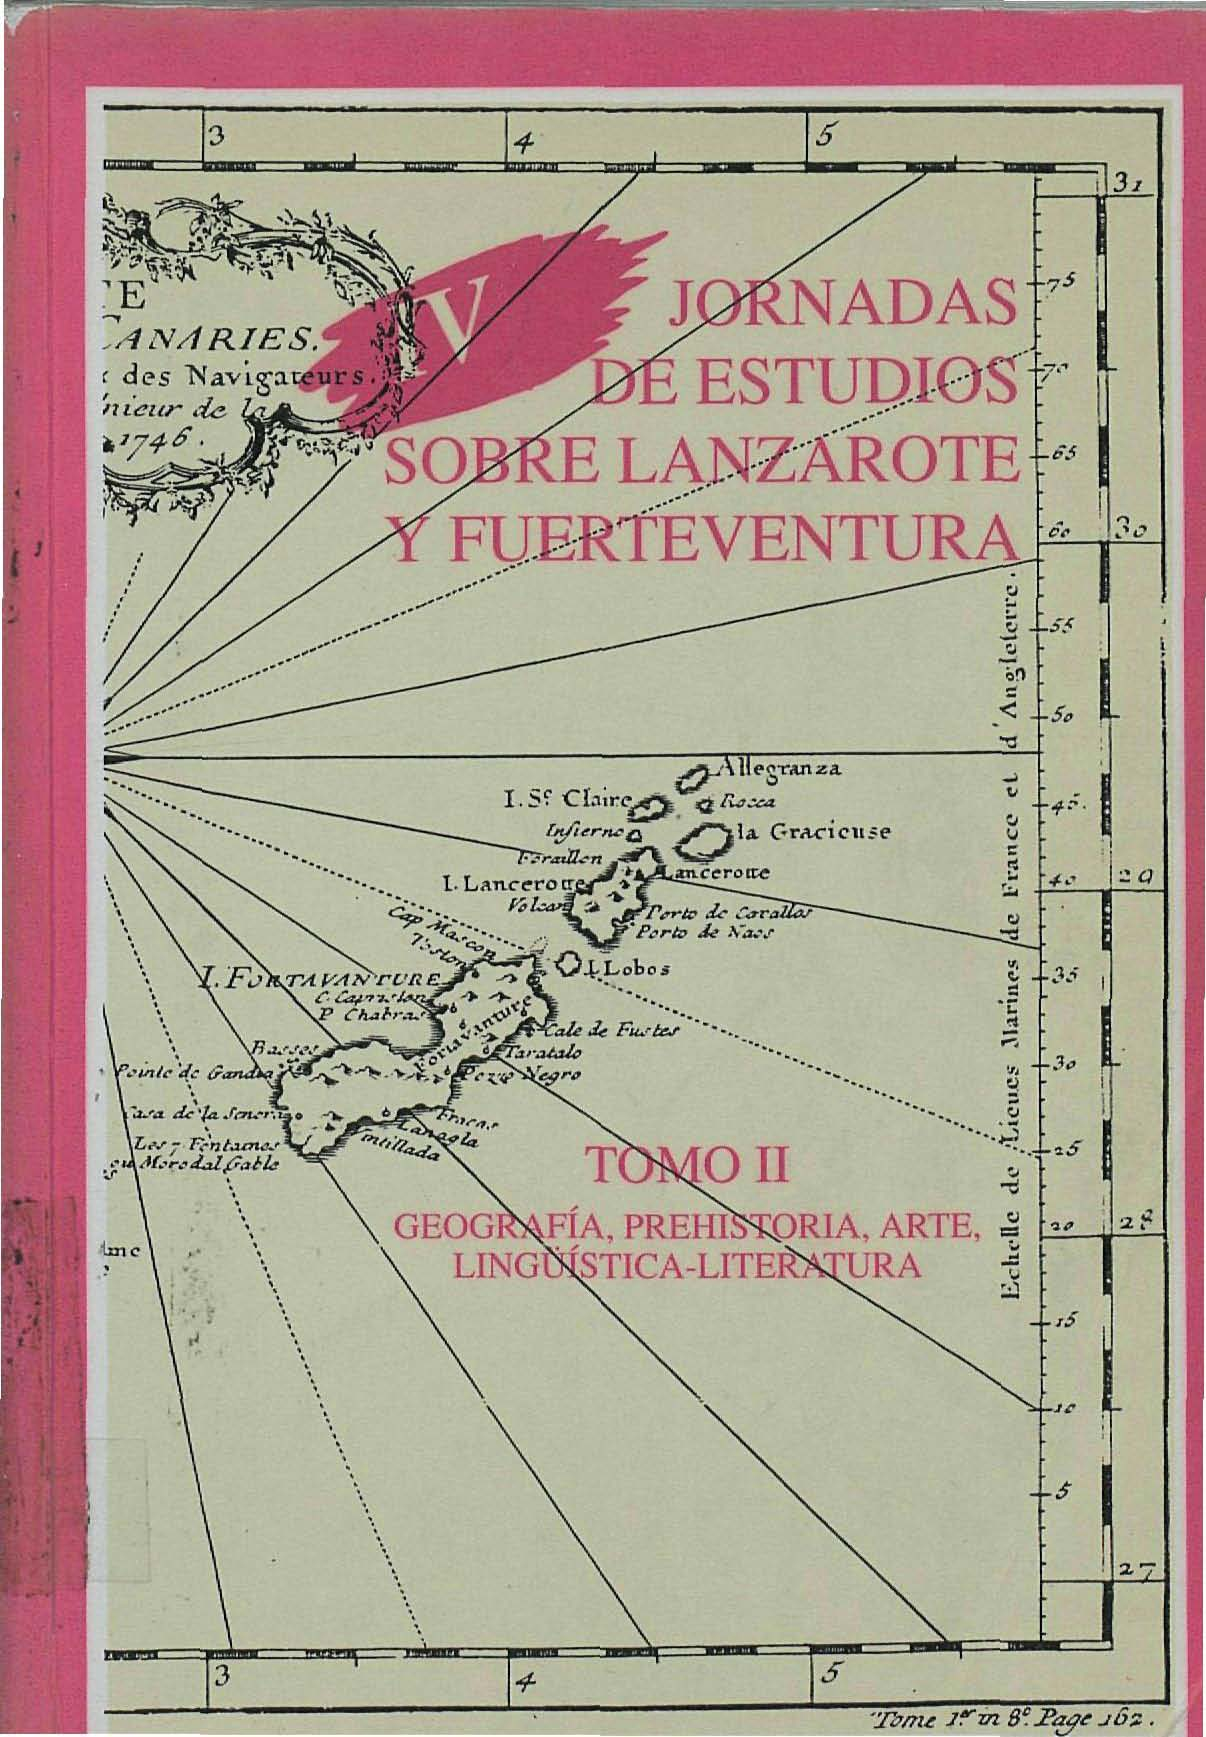 Pensadores canarios de Lanzarote y Fuerteventura. Un filósofo médico: la figura intelectual de Tomás Zerolo